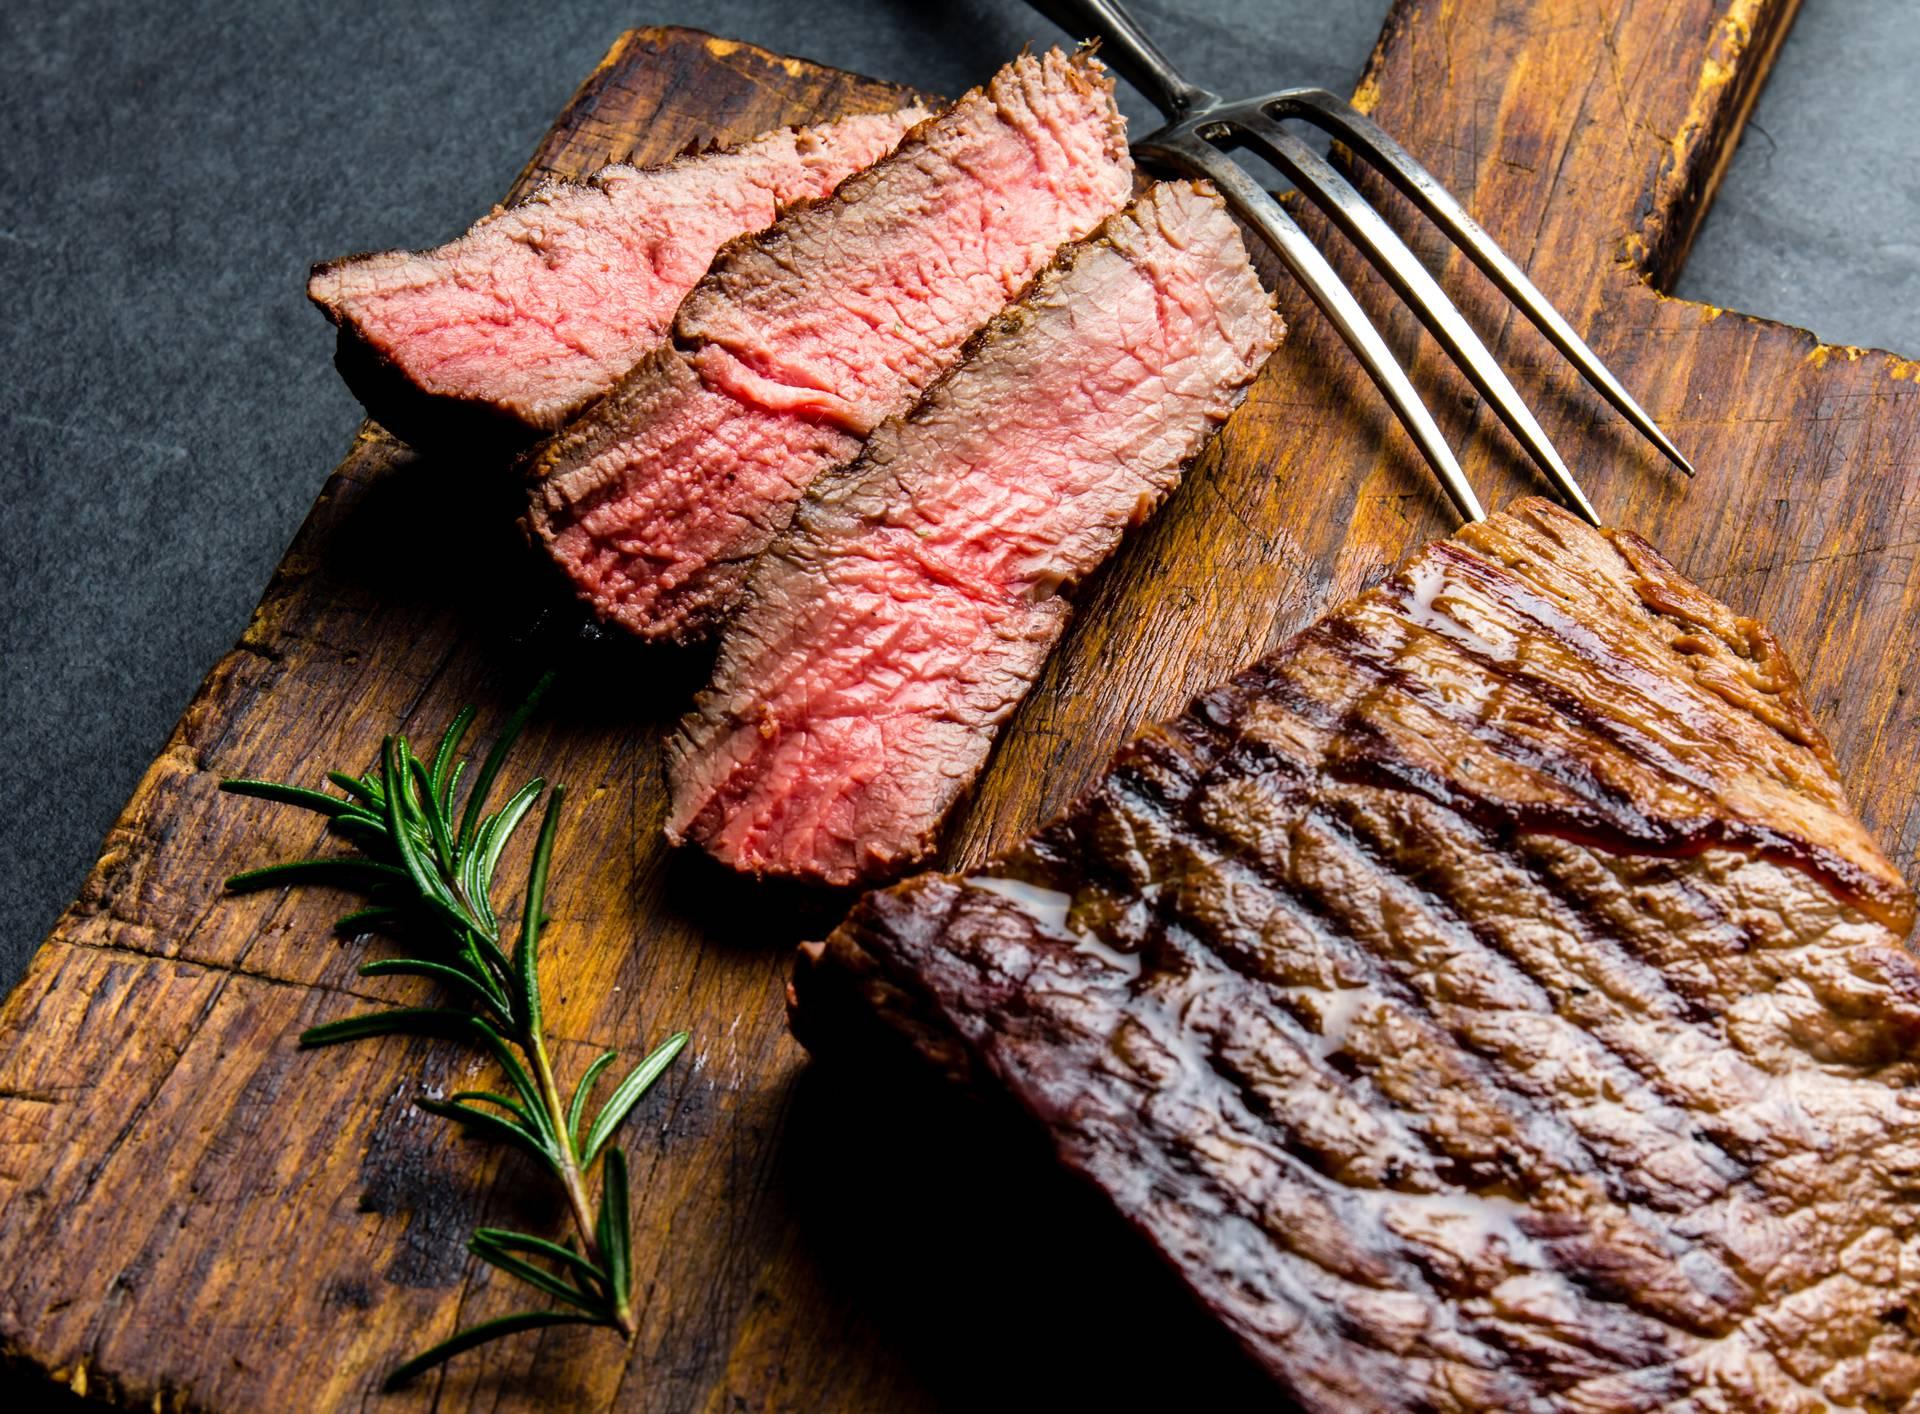 Jednostavni trik za najsočniji biftek - tajna je u zamrzavanju